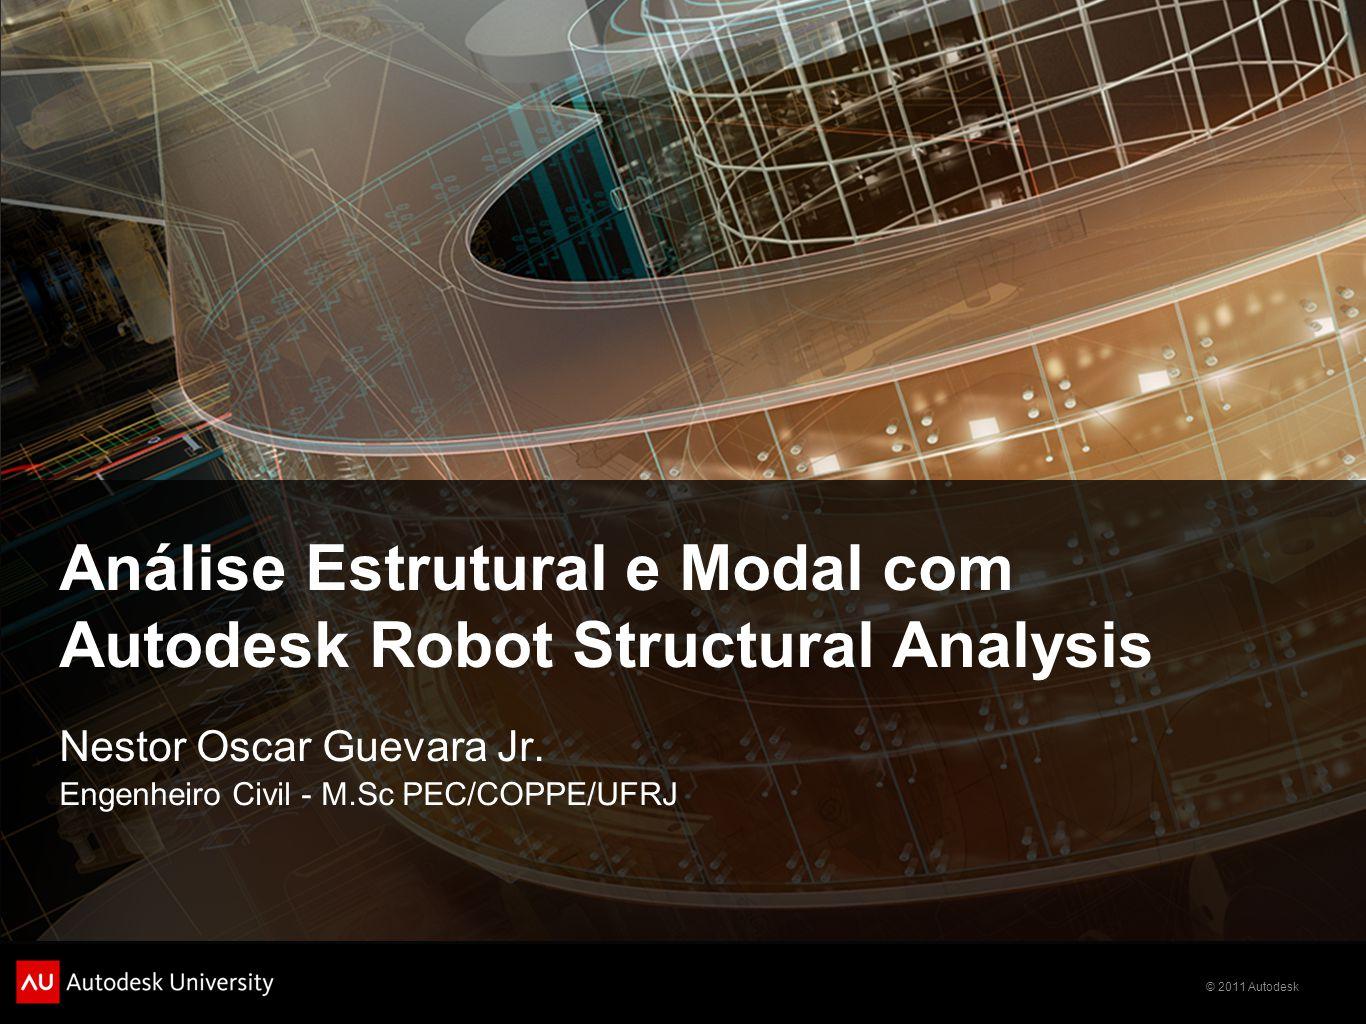 Análise Estrutural e Modal com Autodesk Robot Structural Analysis